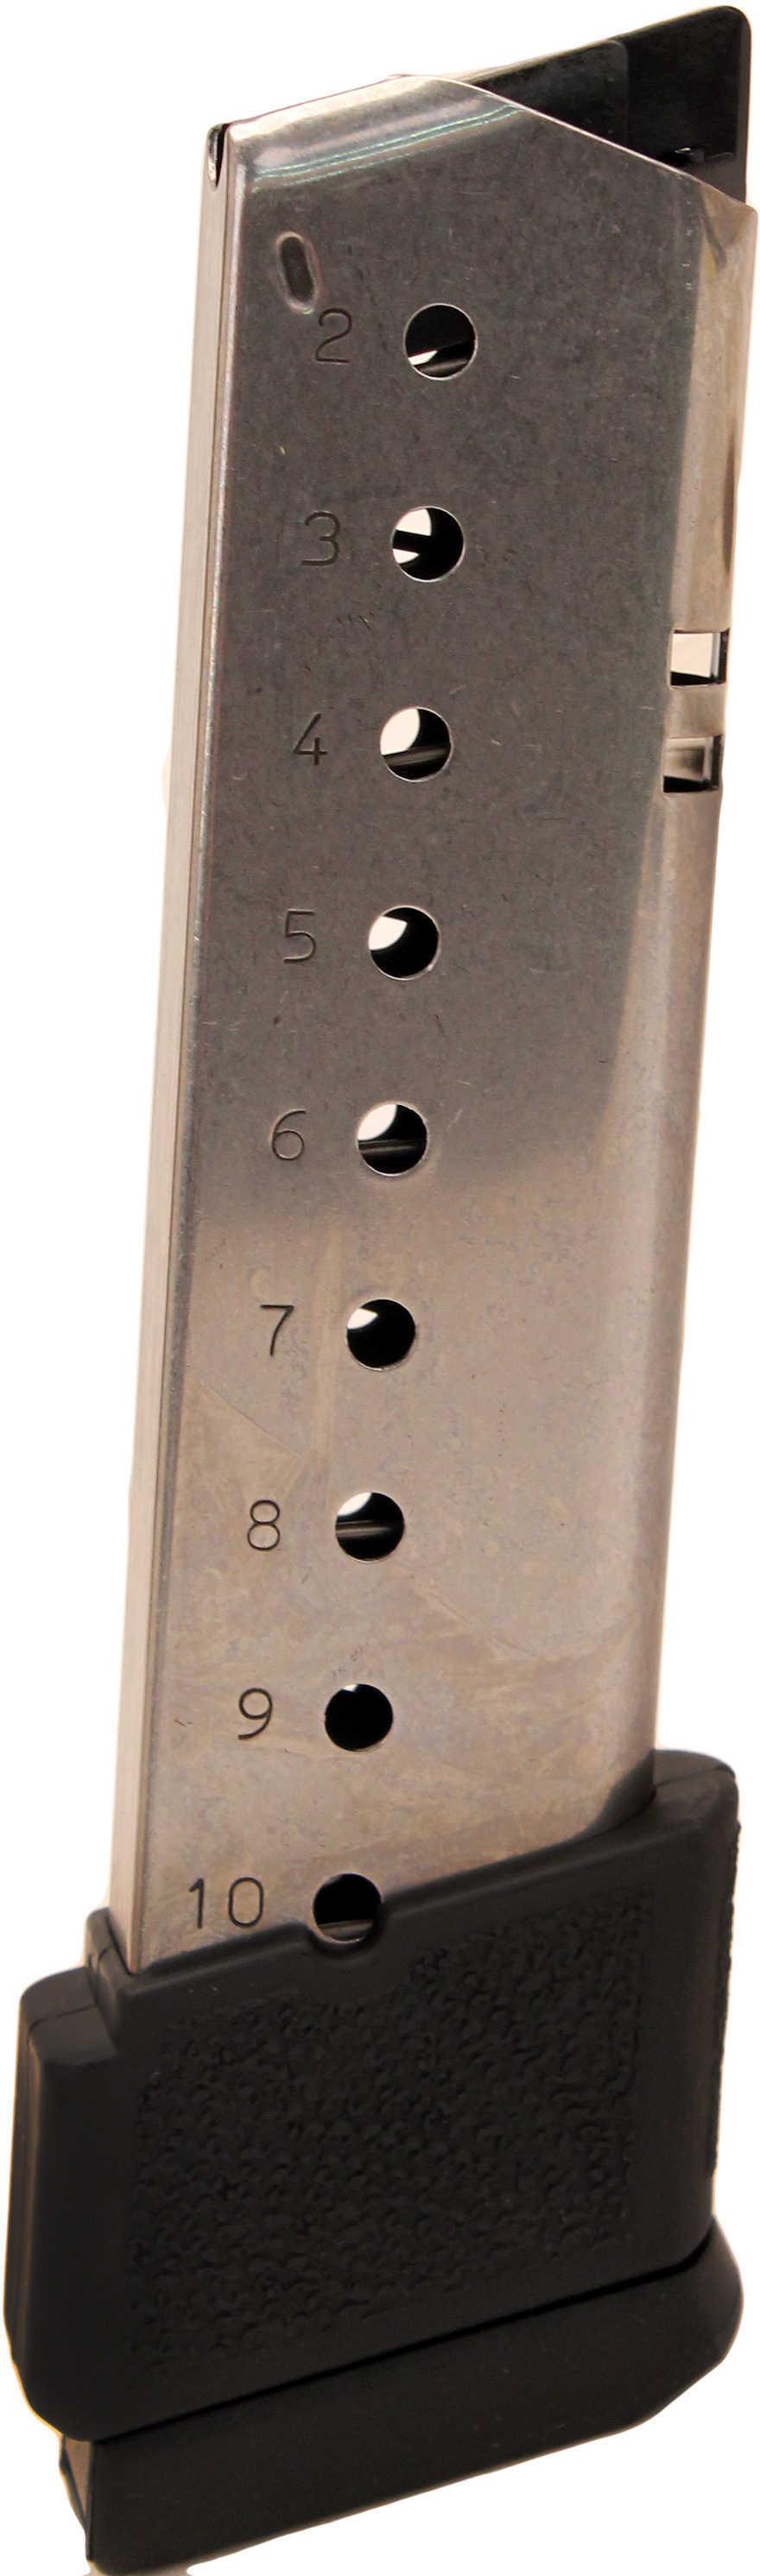 P220 Magazine 45 ACP , 10 Round Md: Mag-220-45-10